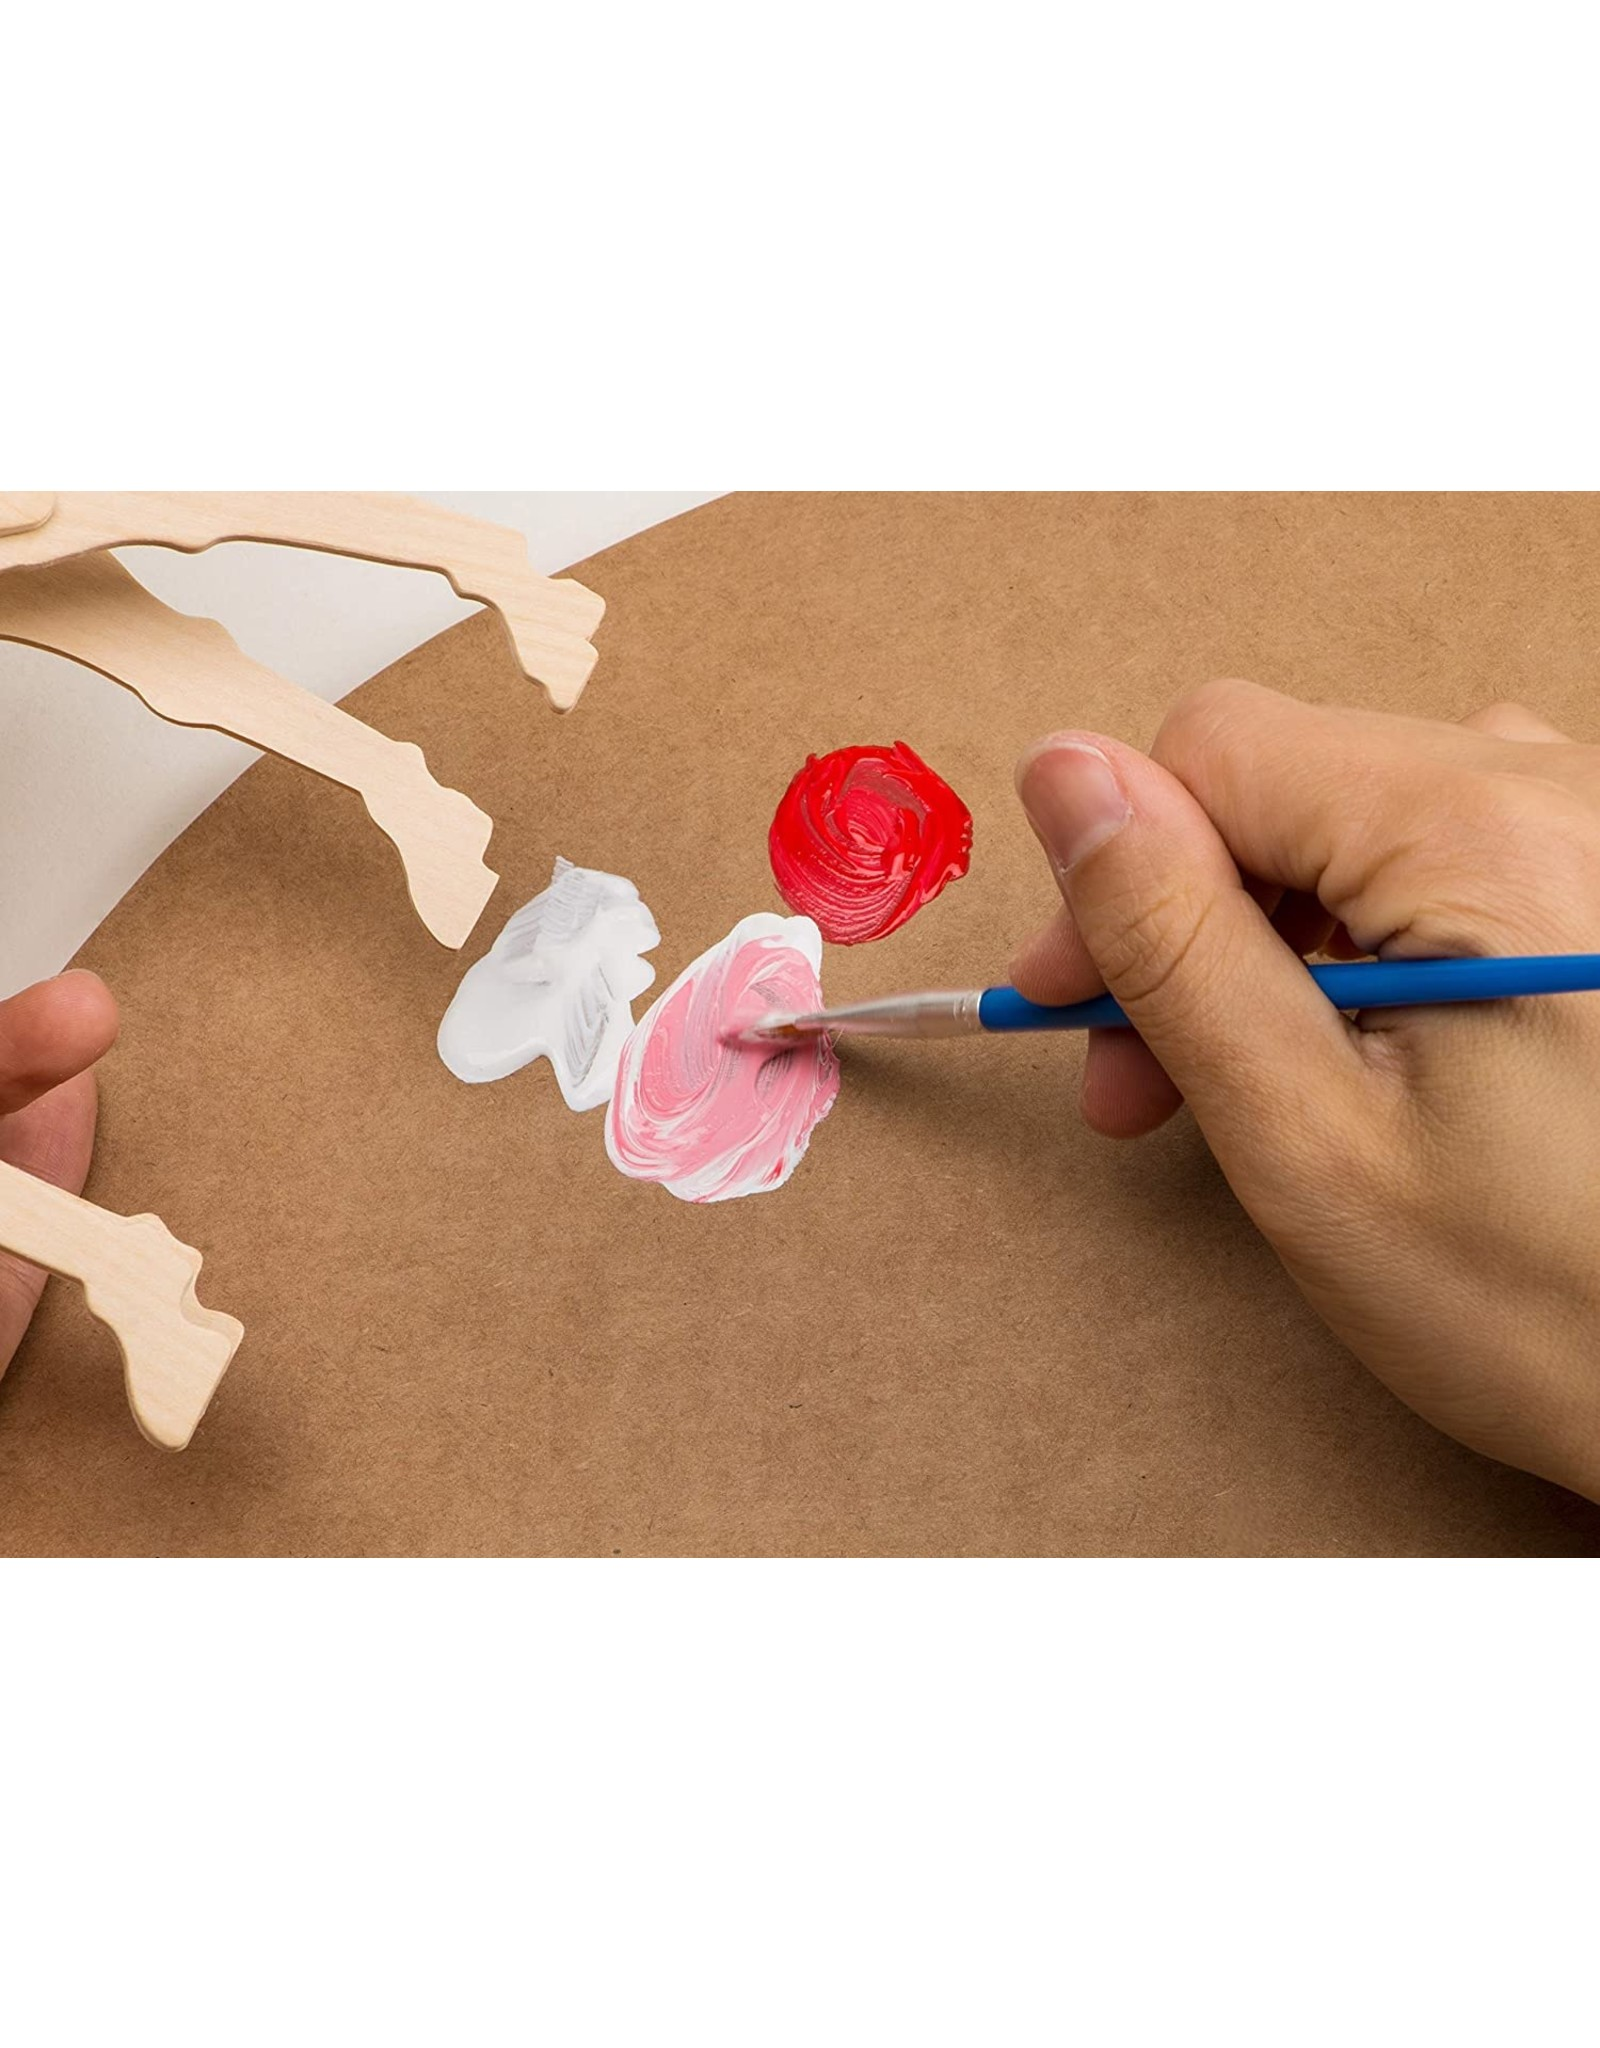 Hands Craft 3D Wooden Puzzle Paint Kit - Locomotive